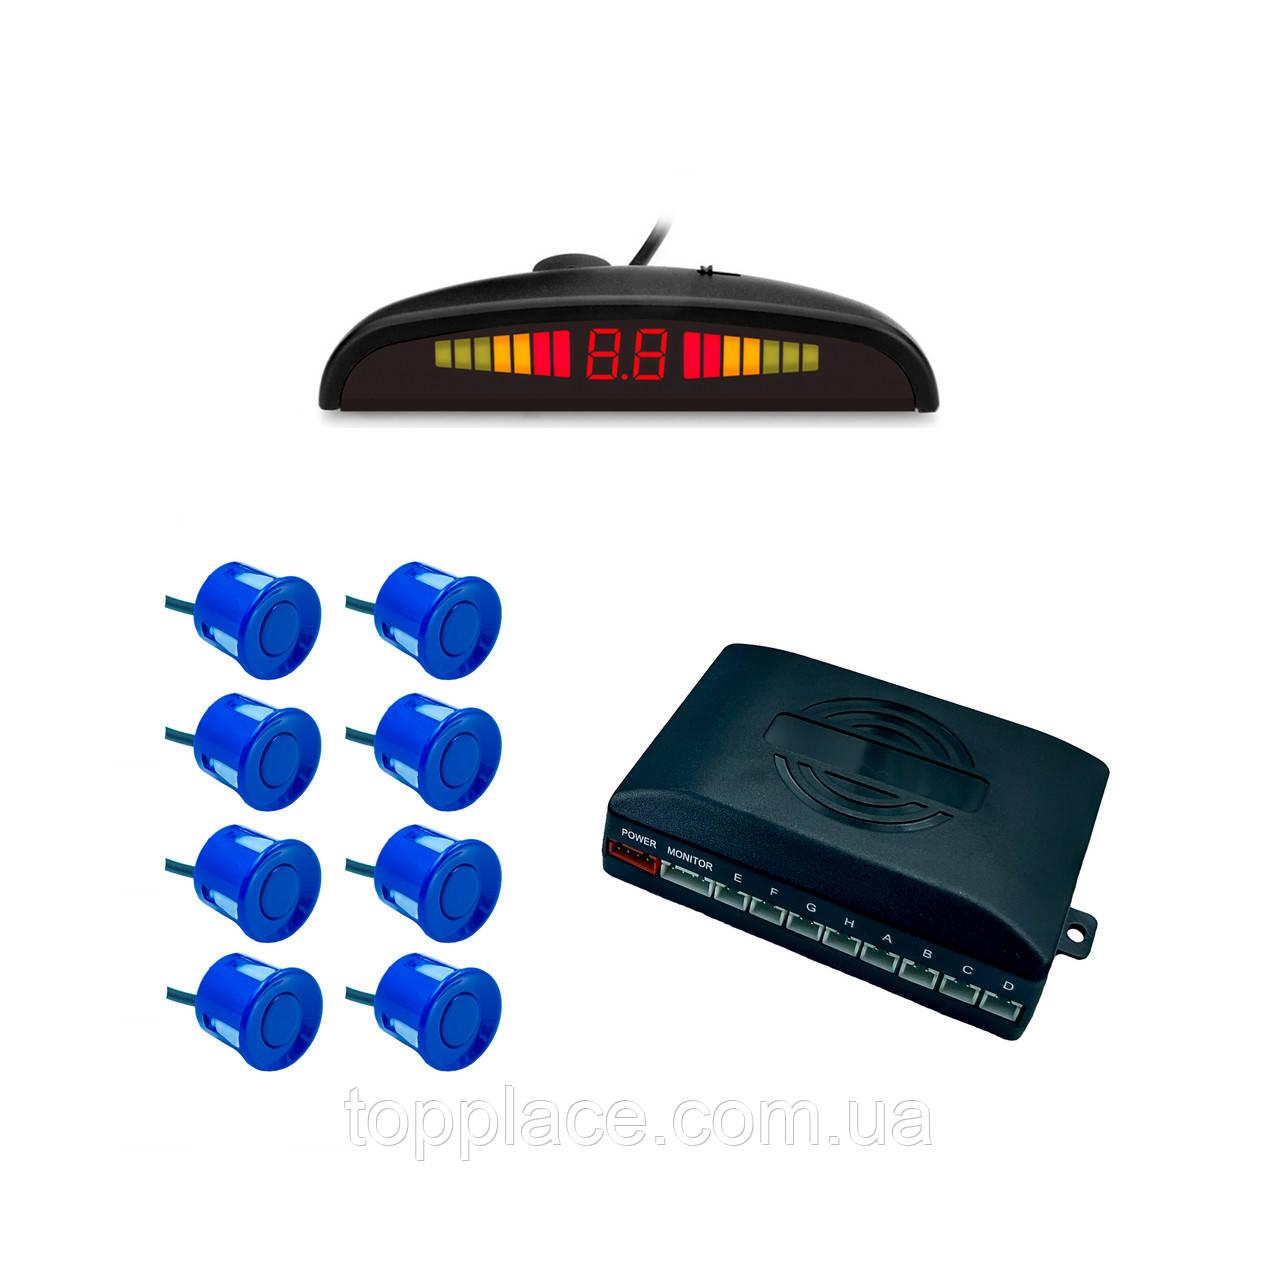 Паркувальна система RangePolar SW-888-8 на 8 датчиків, Dark-Blue (AS101005353)